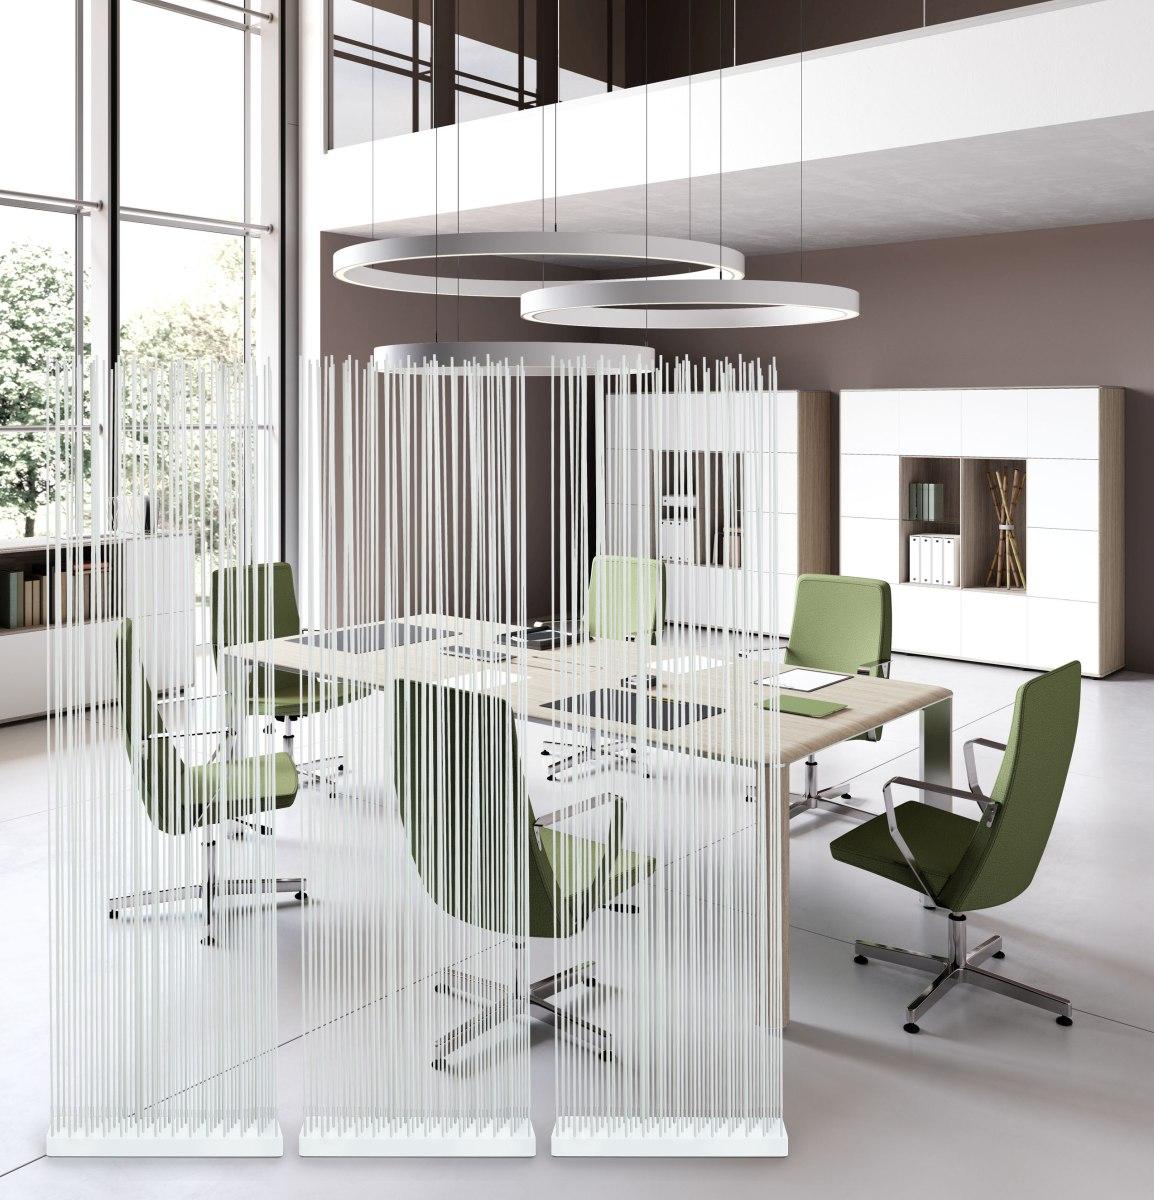 exklusive Bürpmöbel Ideen Office Einrichtung Sichtschutz - Raumteiler